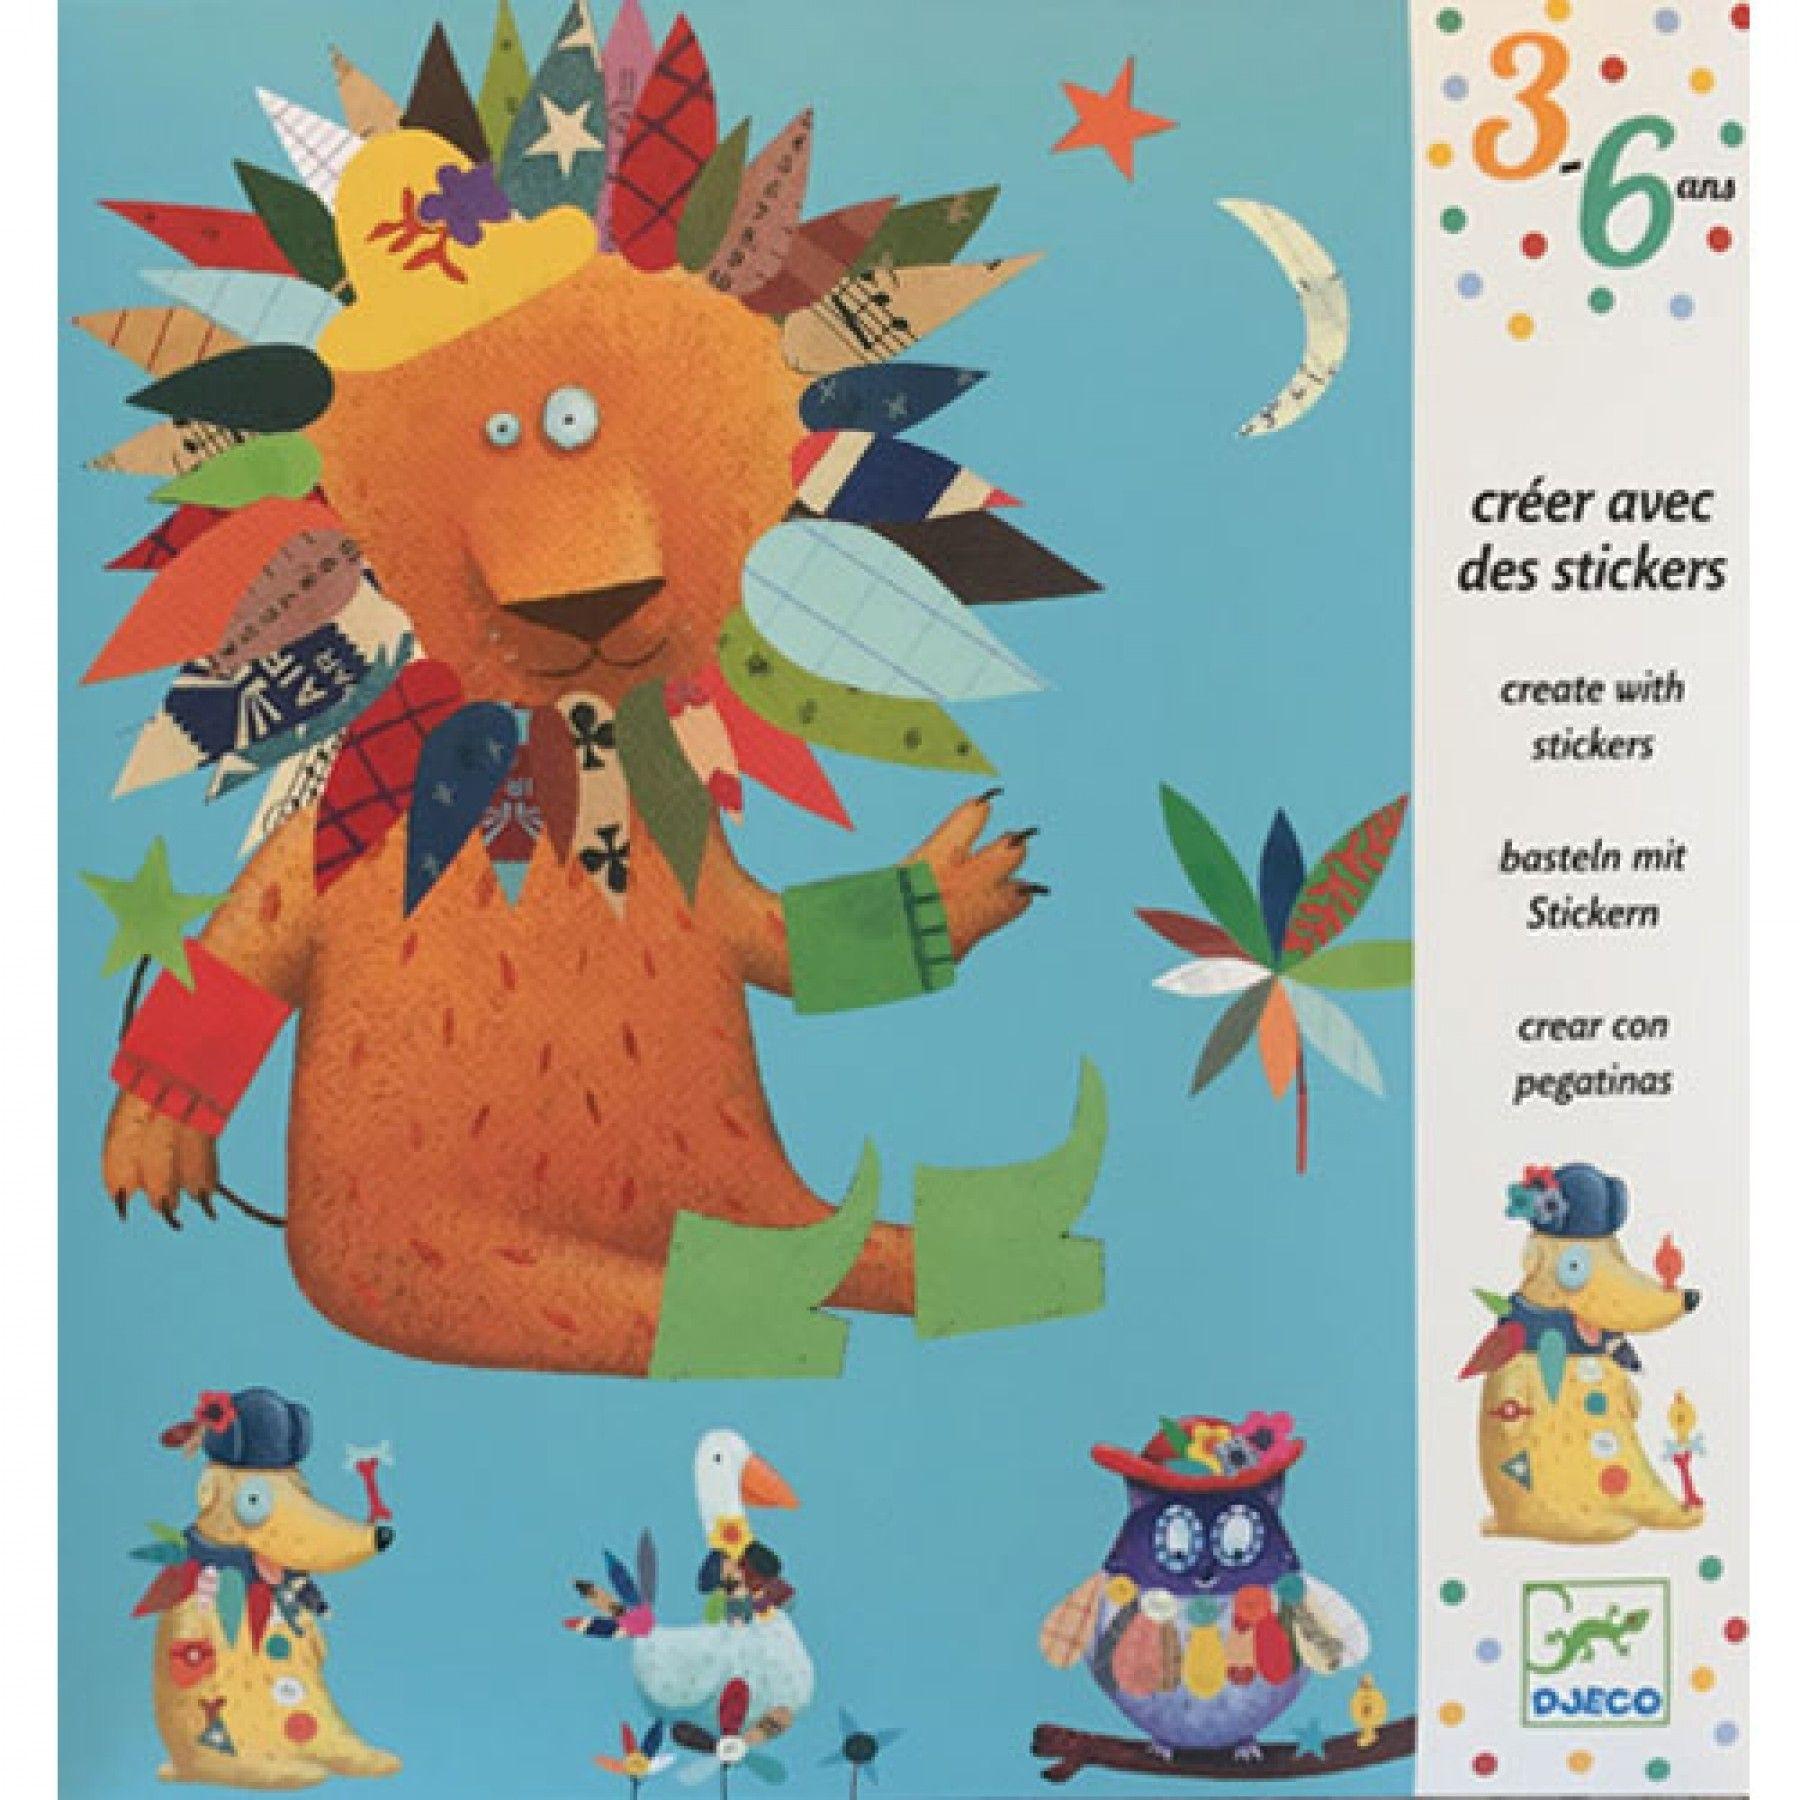 Djeco Djeco Beplak de dieren met stickers